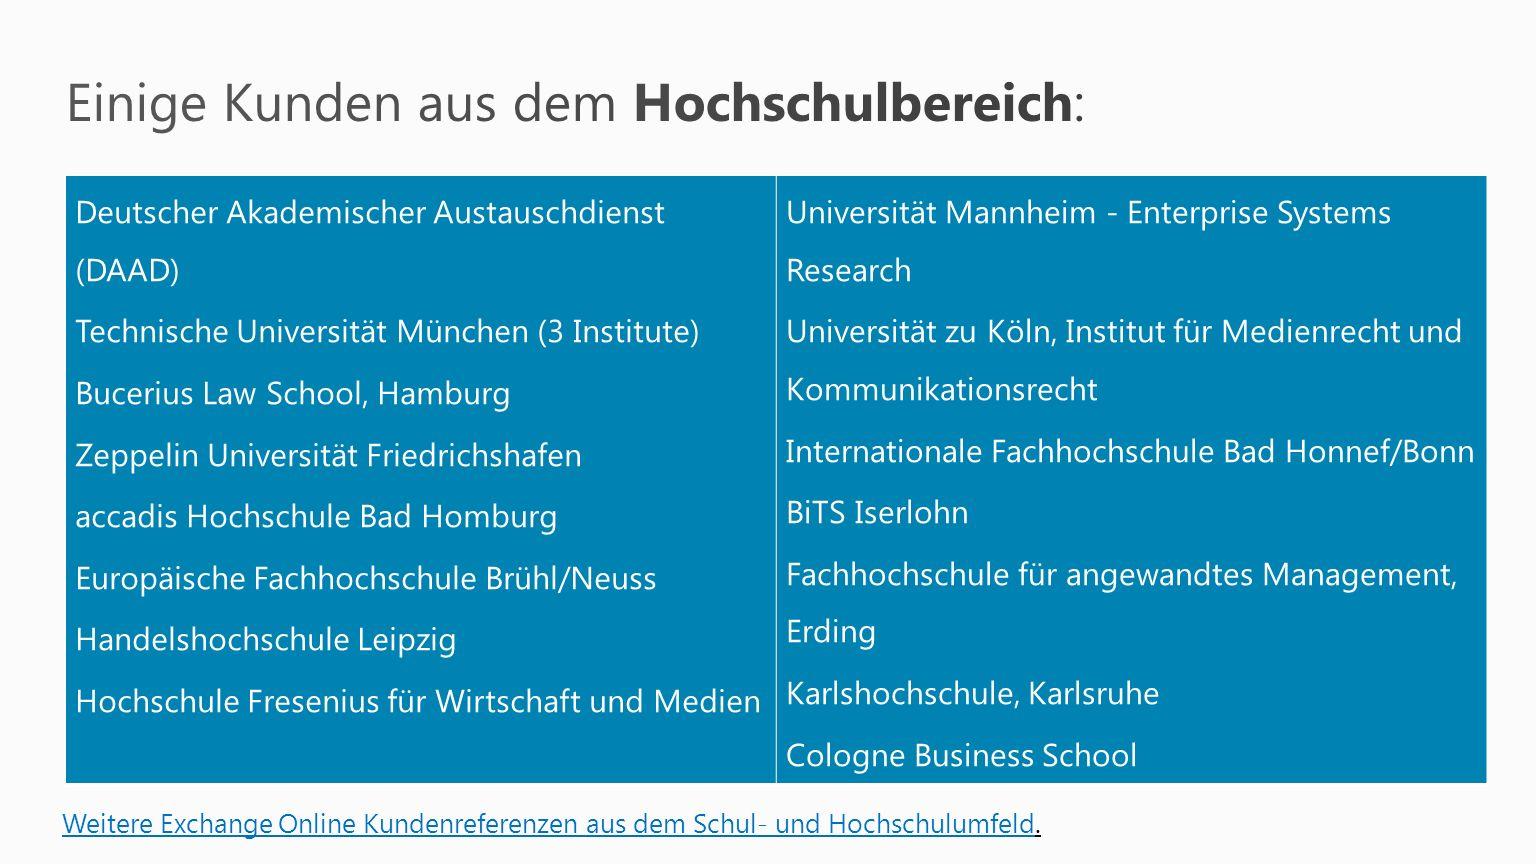 Deutscher Akademischer Austauschdienst (DAAD) Technische Universität München (3 Institute) Bucerius Law School, Hamburg Zeppelin Universität Friedrich